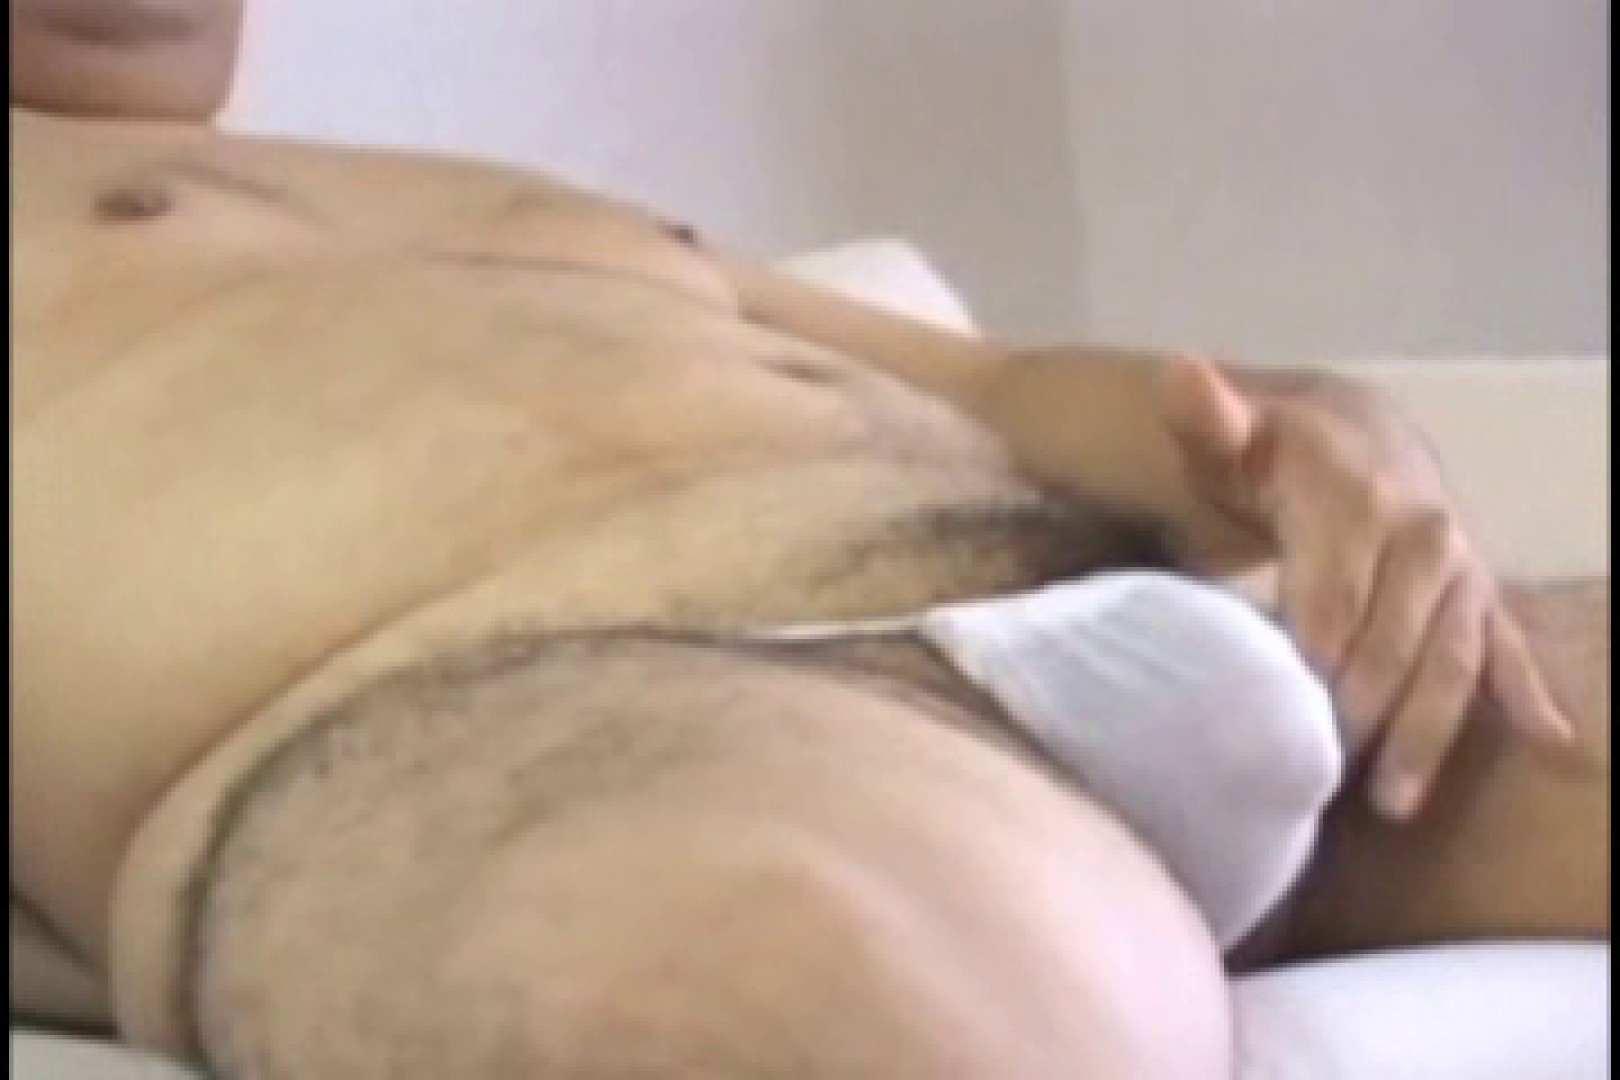 性欲に満ちたデカてぃむぽのホモ旦那 ディープキス ゲイヌード画像 96枚 55